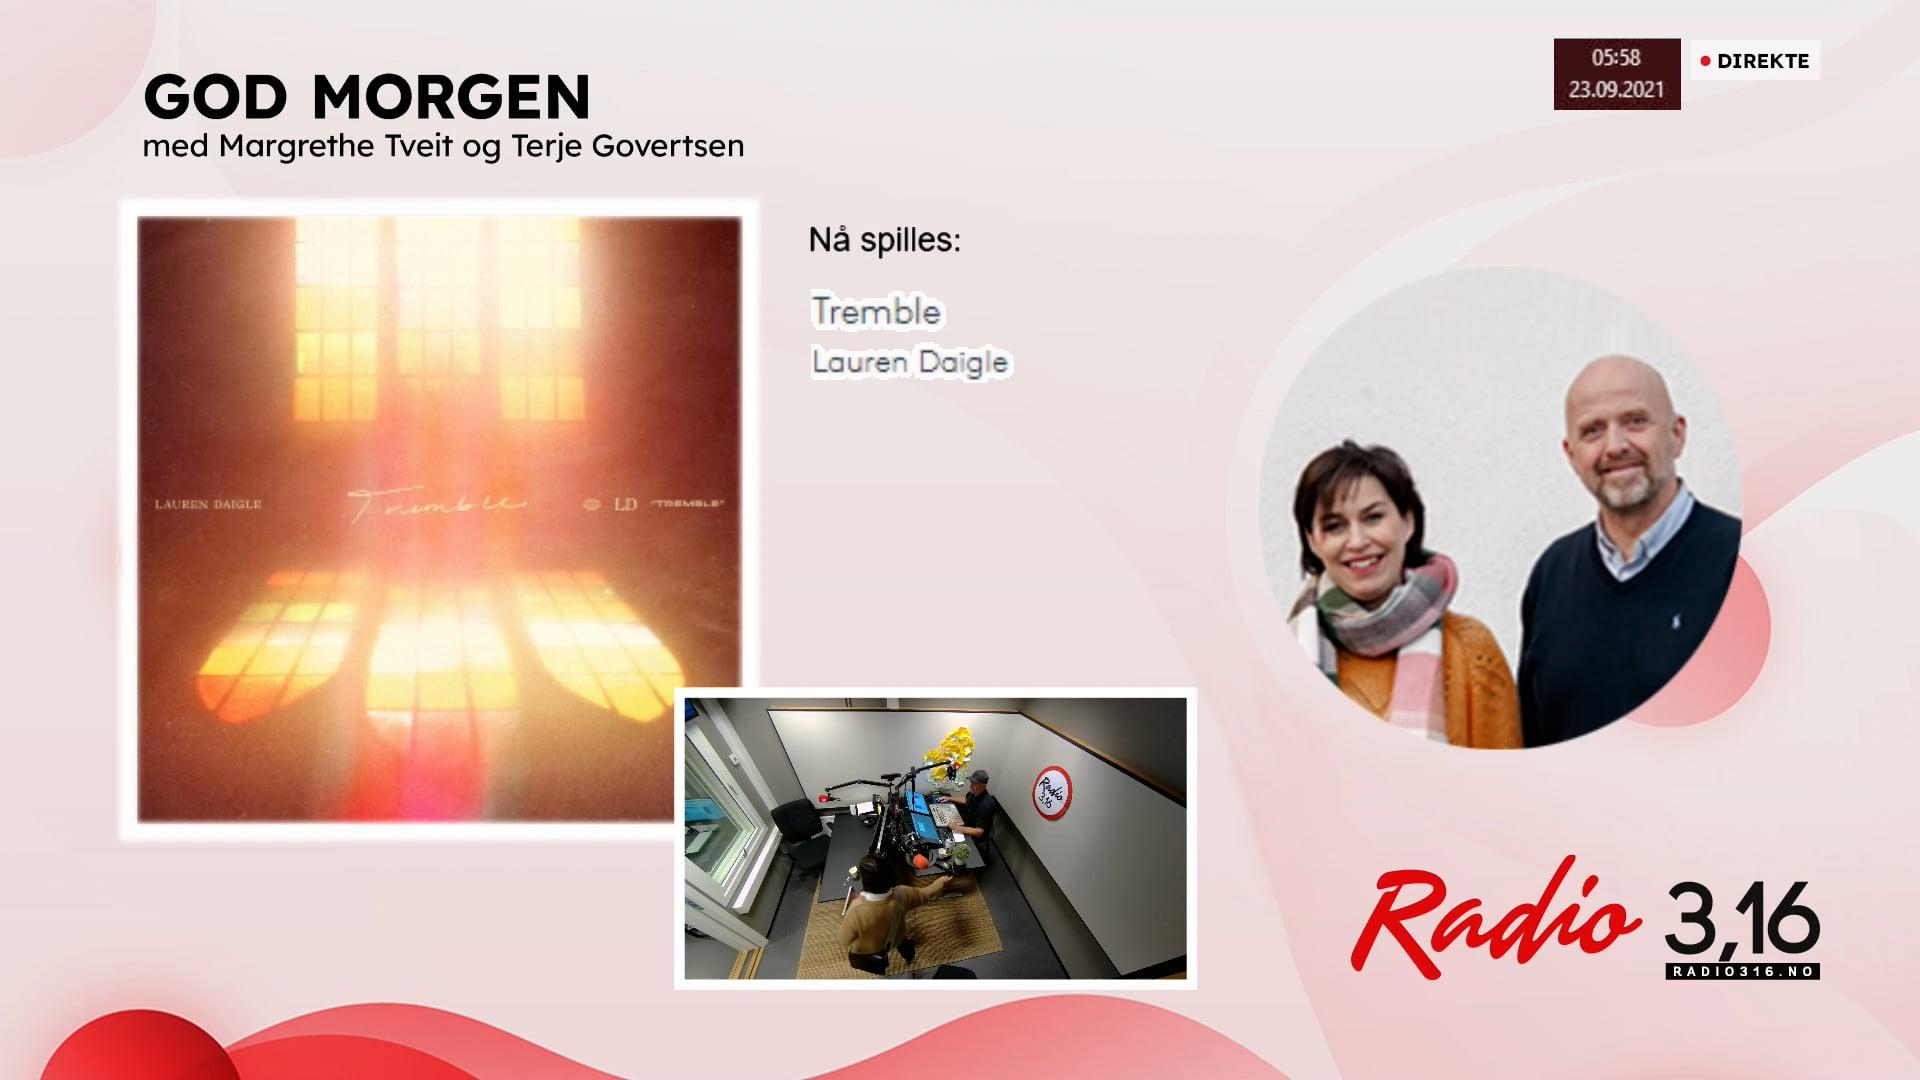 Radio 3,16 | 23 september 2021 - God Morgen med Margrethe og Terje